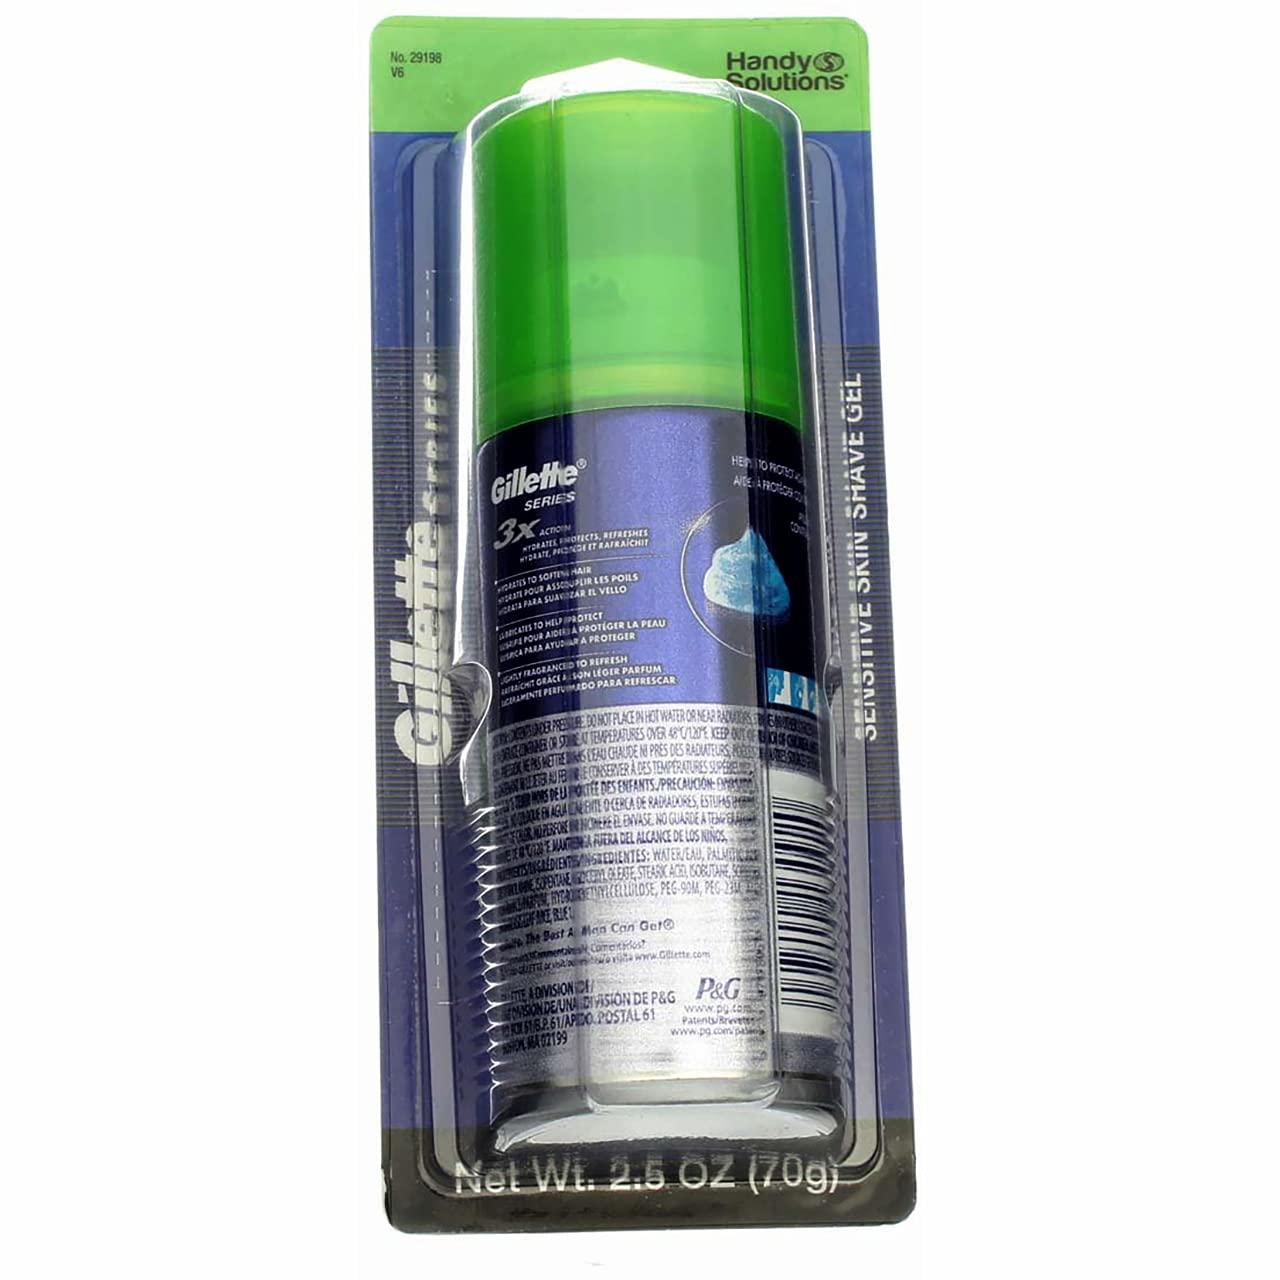 Sales for sale Gillette - Shave Gel OZ 2.5 Sensitive Tucson Mall Skin